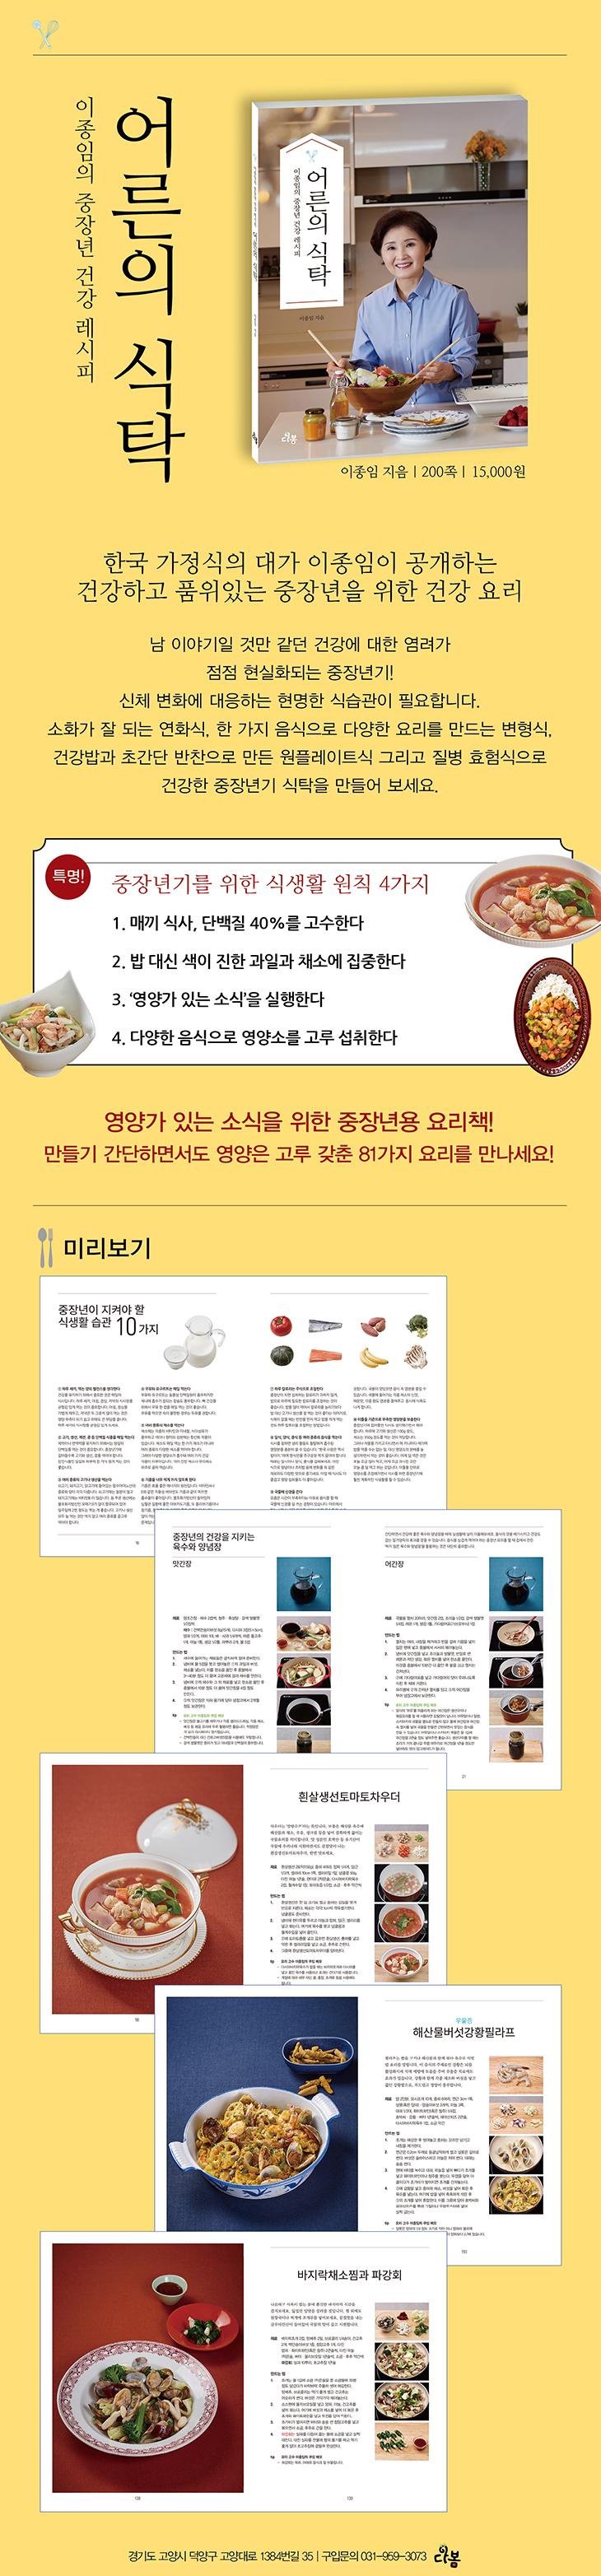 어른의 식탁 미리보기 페이지(수정).jpg